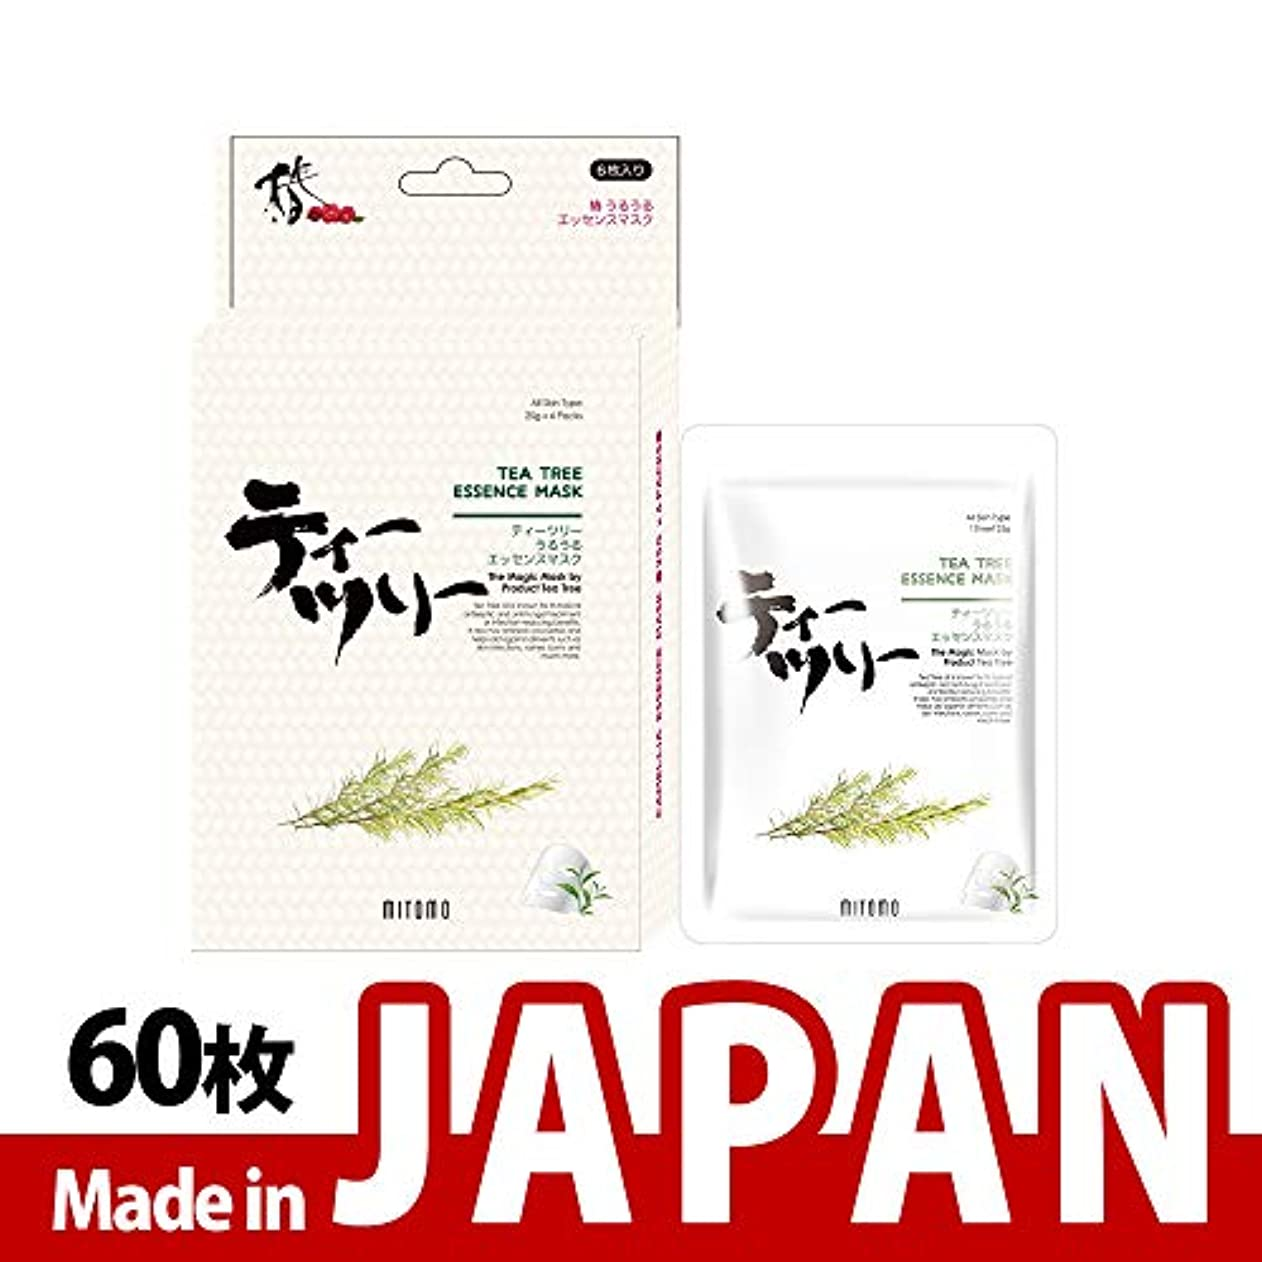 懐疑論気楽な遺伝子MITOMO【JP512-D-1】日本製シートマスク/6枚入り/60枚/美容液/マスクパック/送料無料